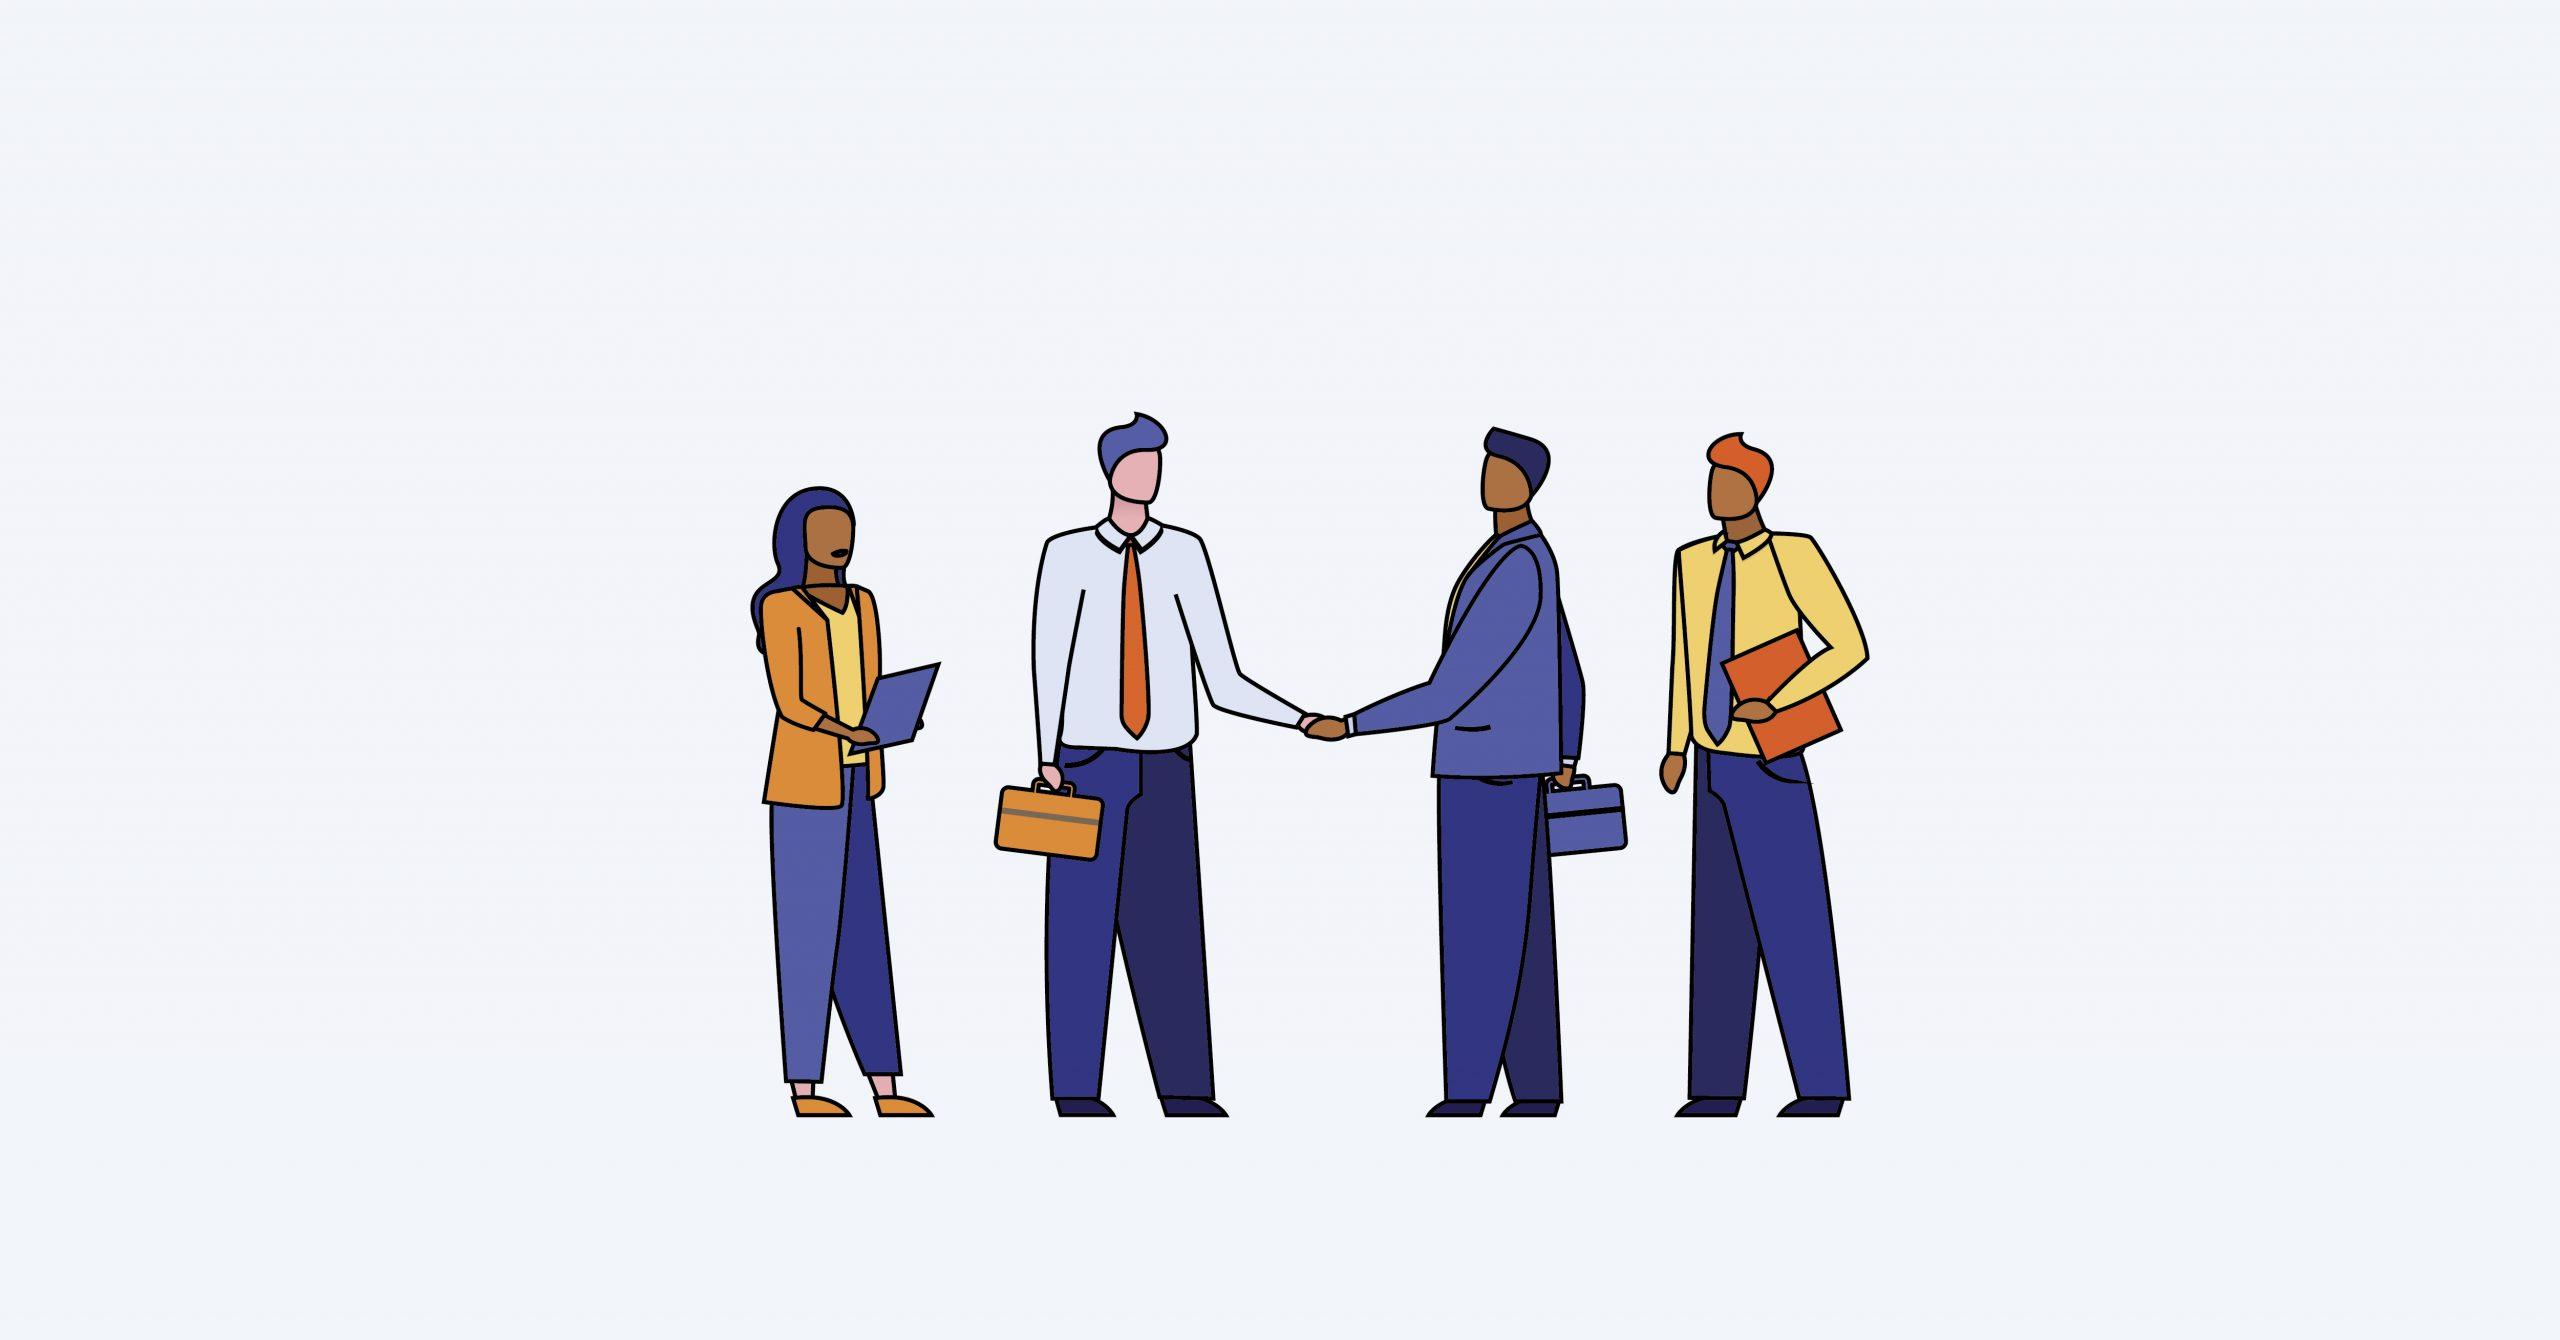 ธุรกิจแบบ B2B จะใช้ประโยชน์จาก Social Listening Tool ได้อย่างไร